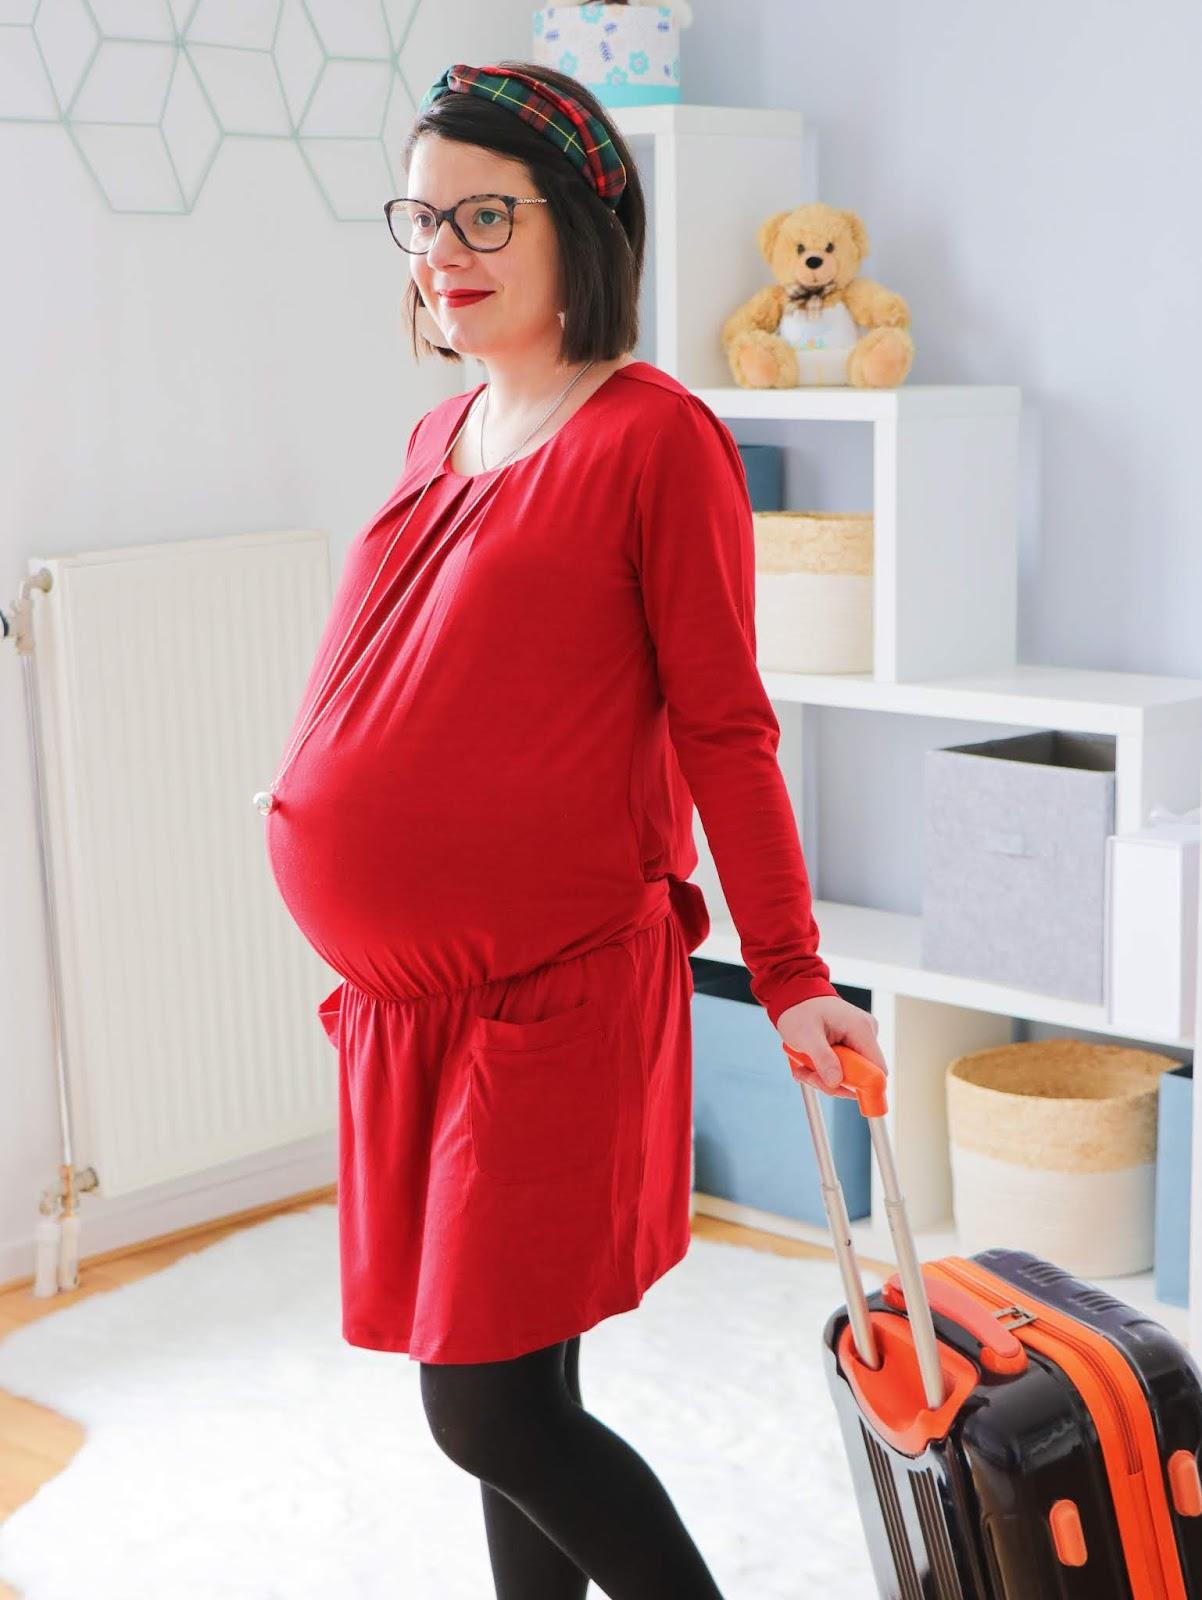 que mettre valise maternité maman bébé vêtements taille quantité soin trousseau naissance les gommettes de melo robe grossesse bola